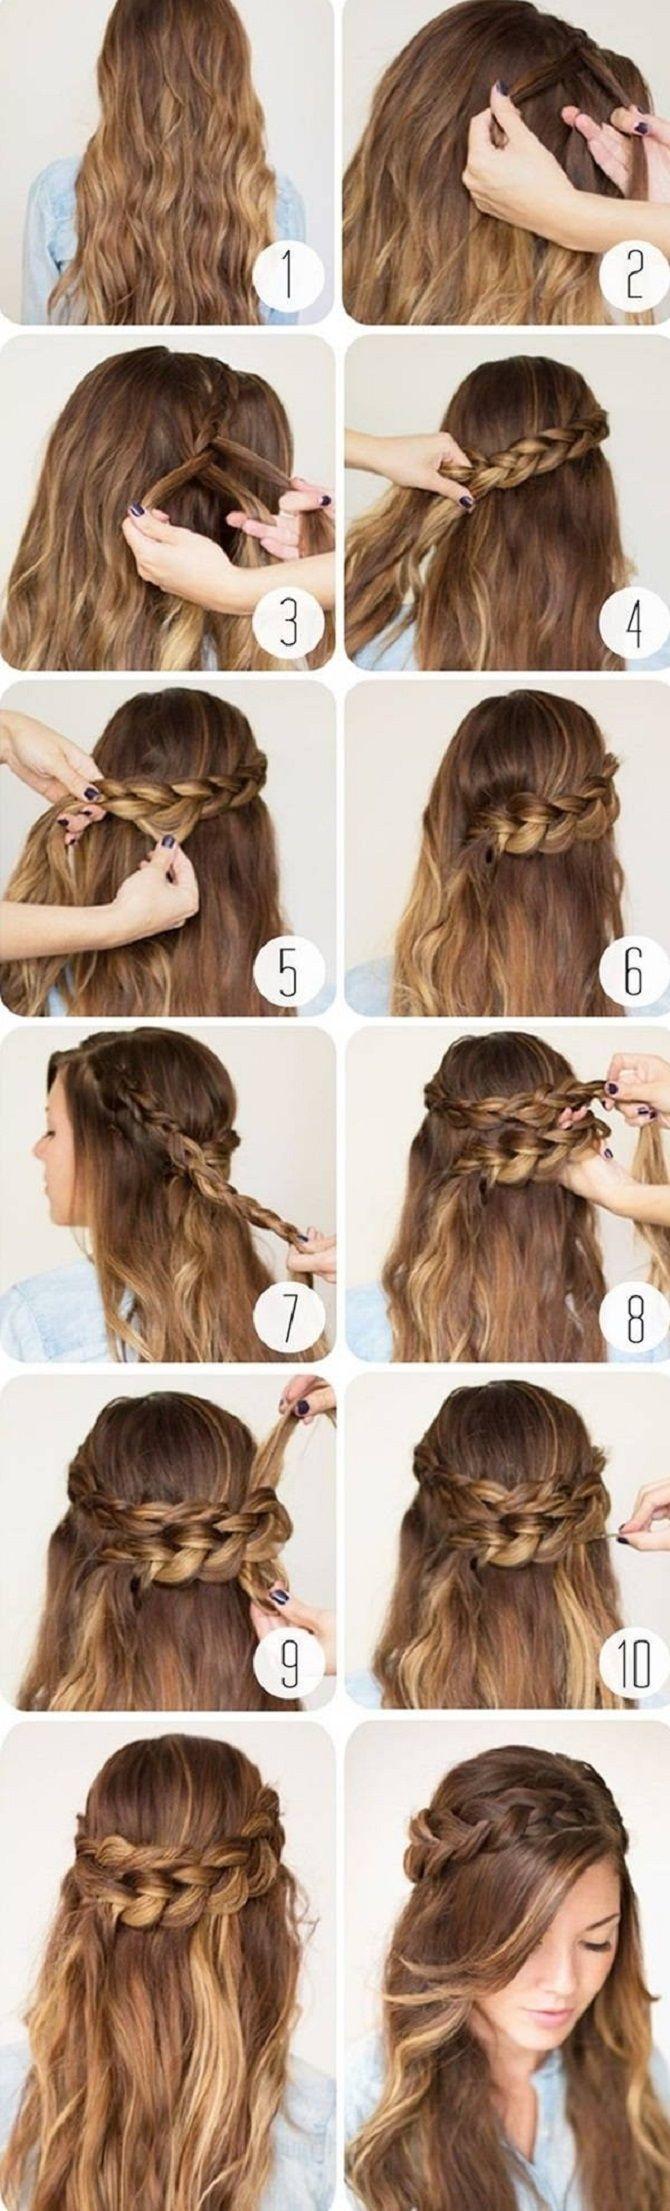 Топ-12 сучасних і модних зачісок в школу для підлітків: нові ідеї, фото 4